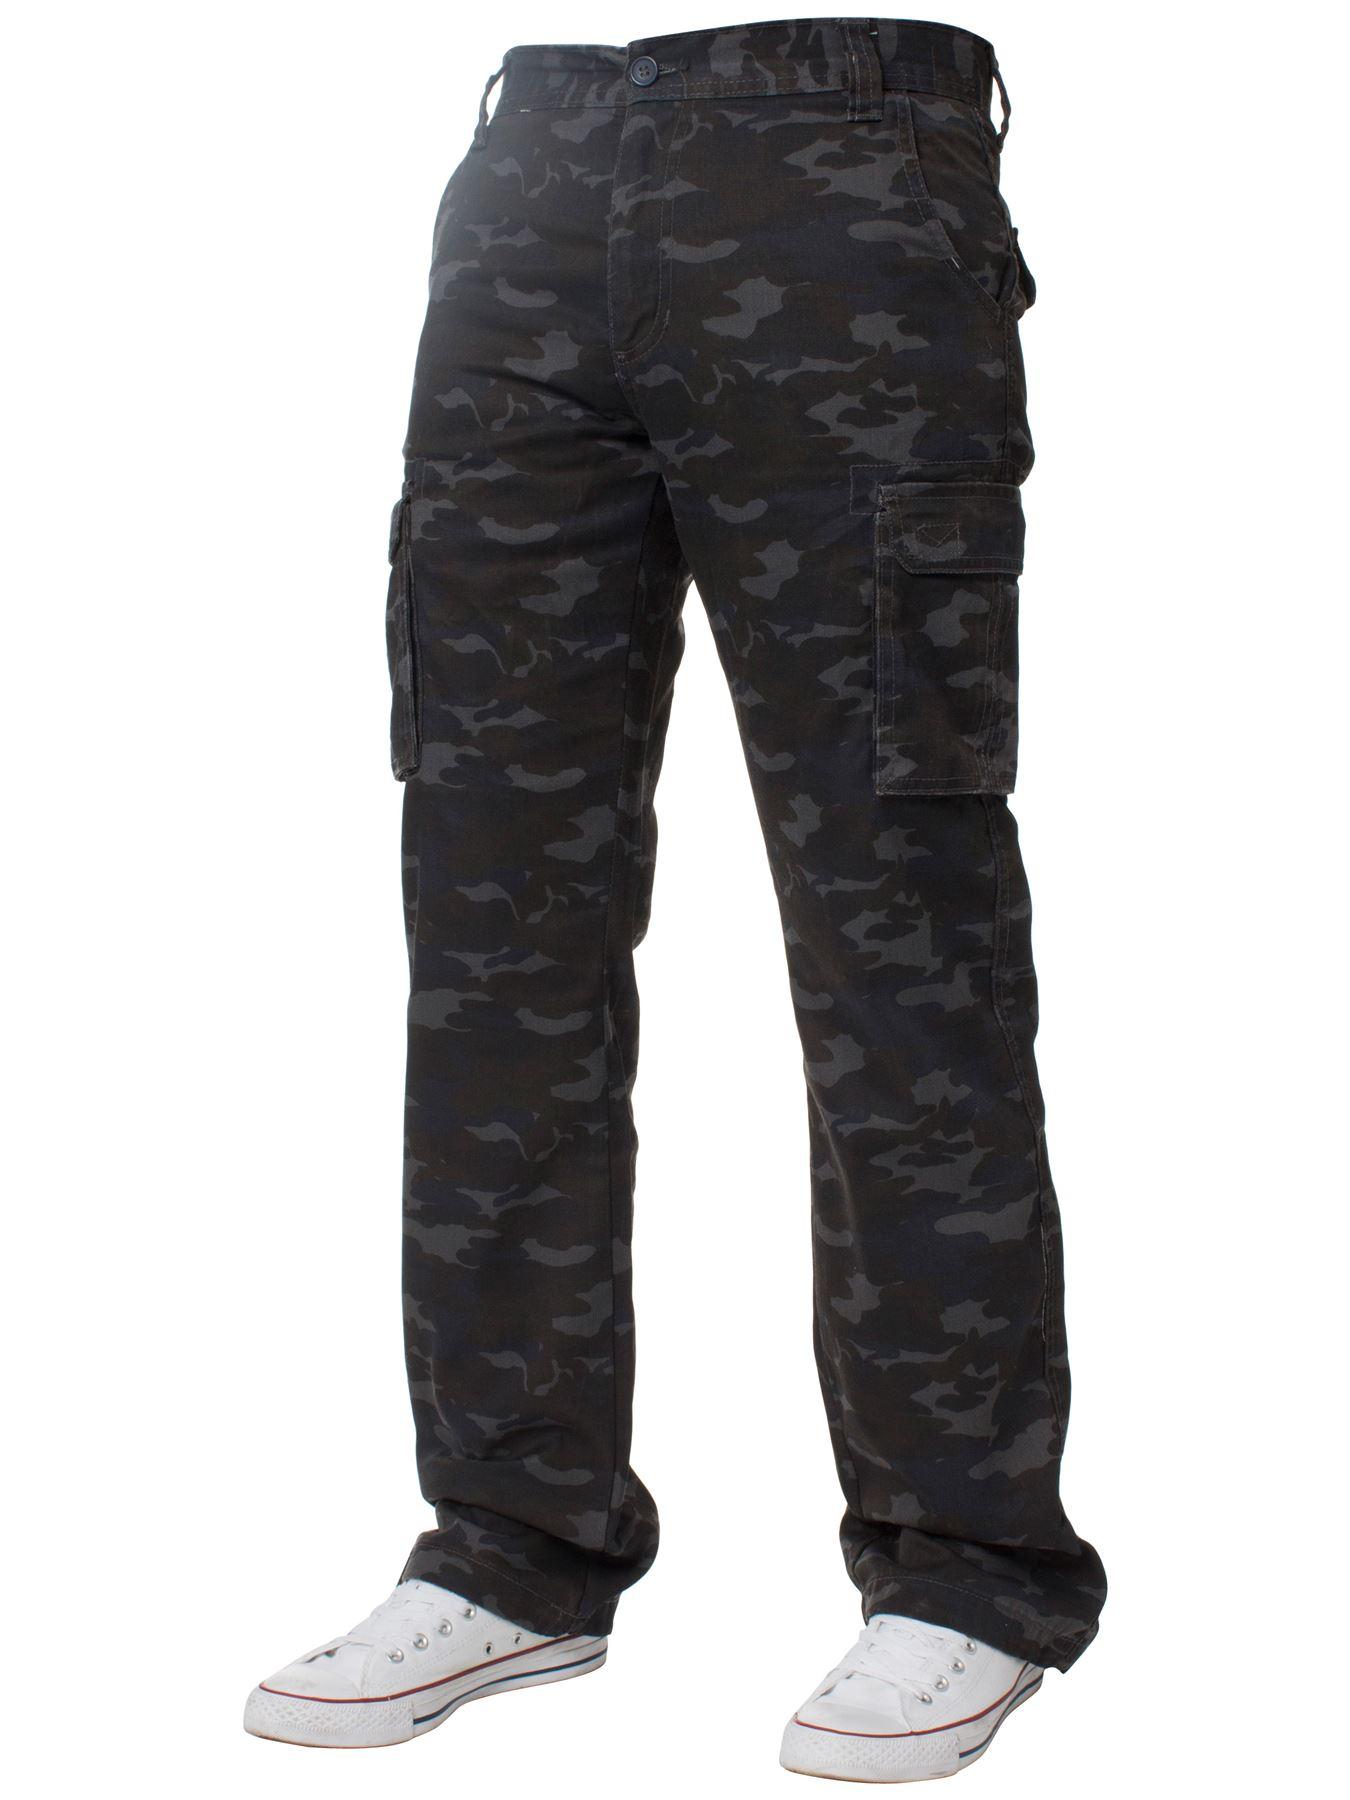 Kruze-Uomo-Militare-Pantaloni-Camouflage-Cargo-Mimetico-Casual-Lavoro miniatura 31